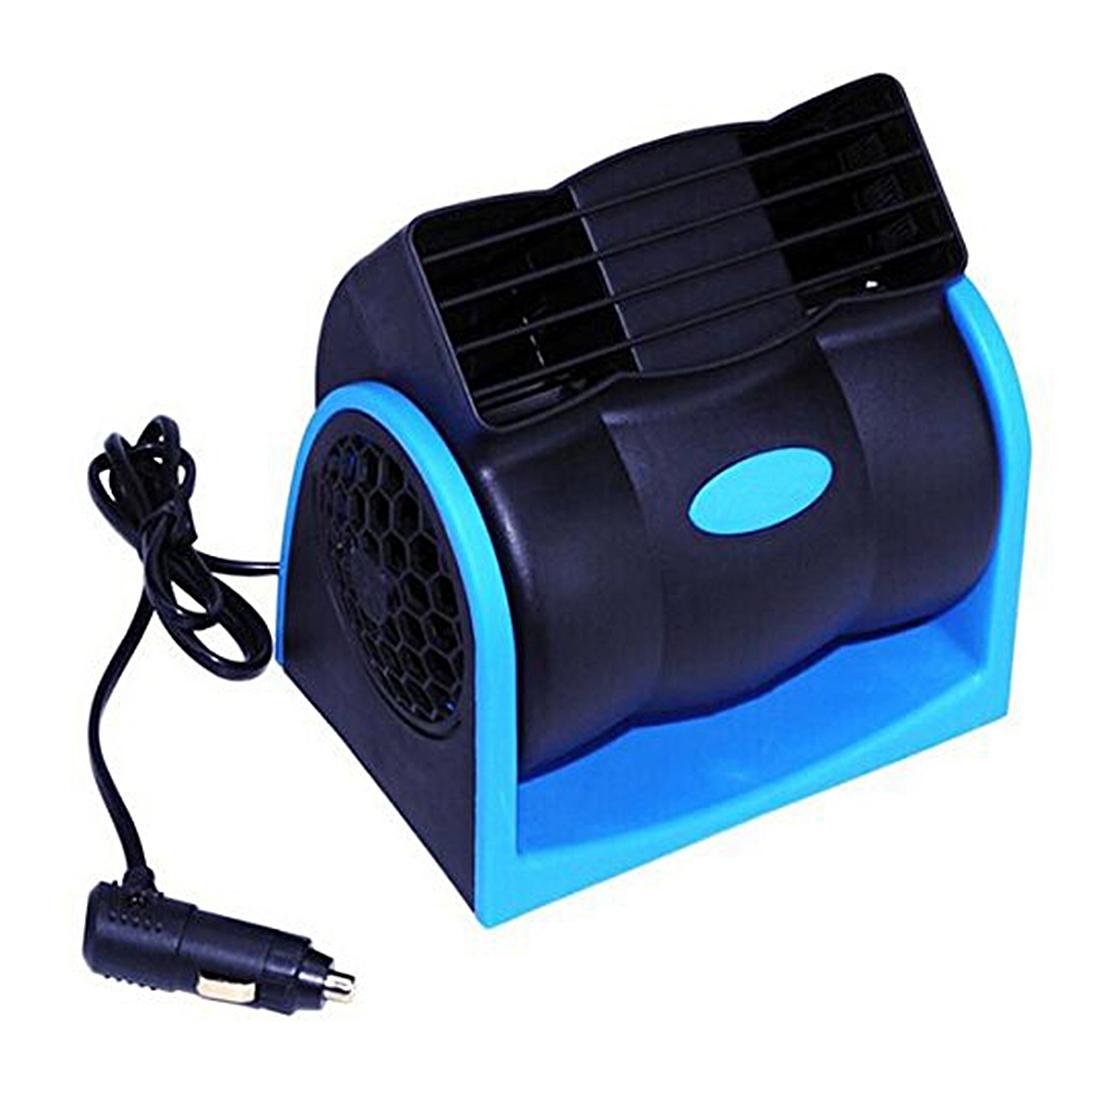 Car Vehicle Truck Cooling Air Fan 12V Adjustable Silent Cooler Speed  #0697C5